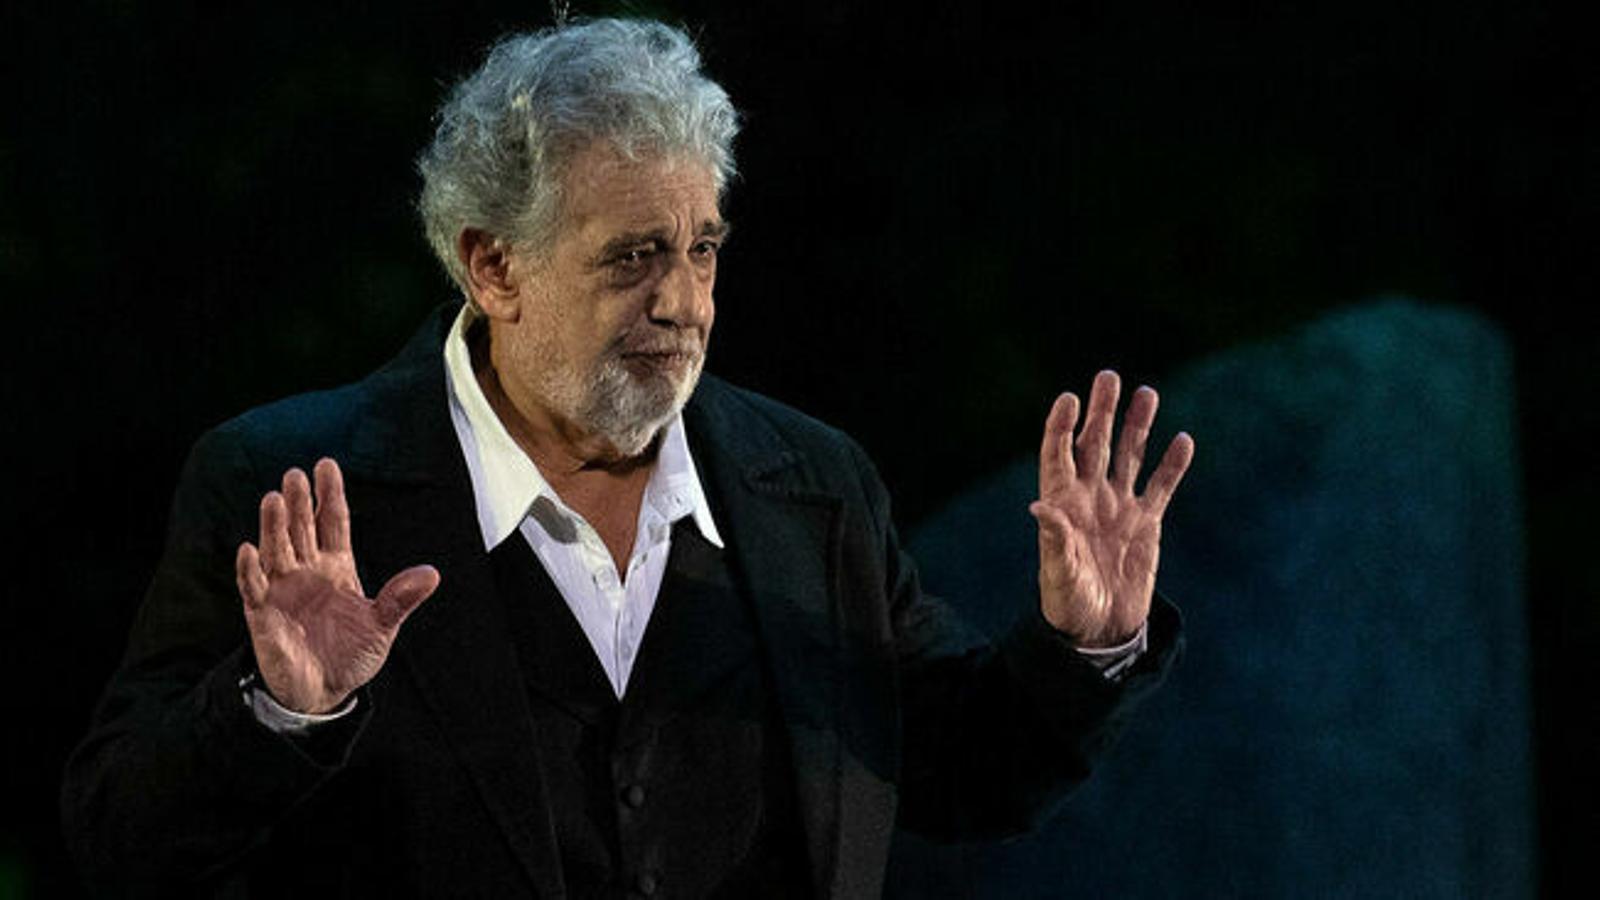 El tenor Plácido Domingo / AFP